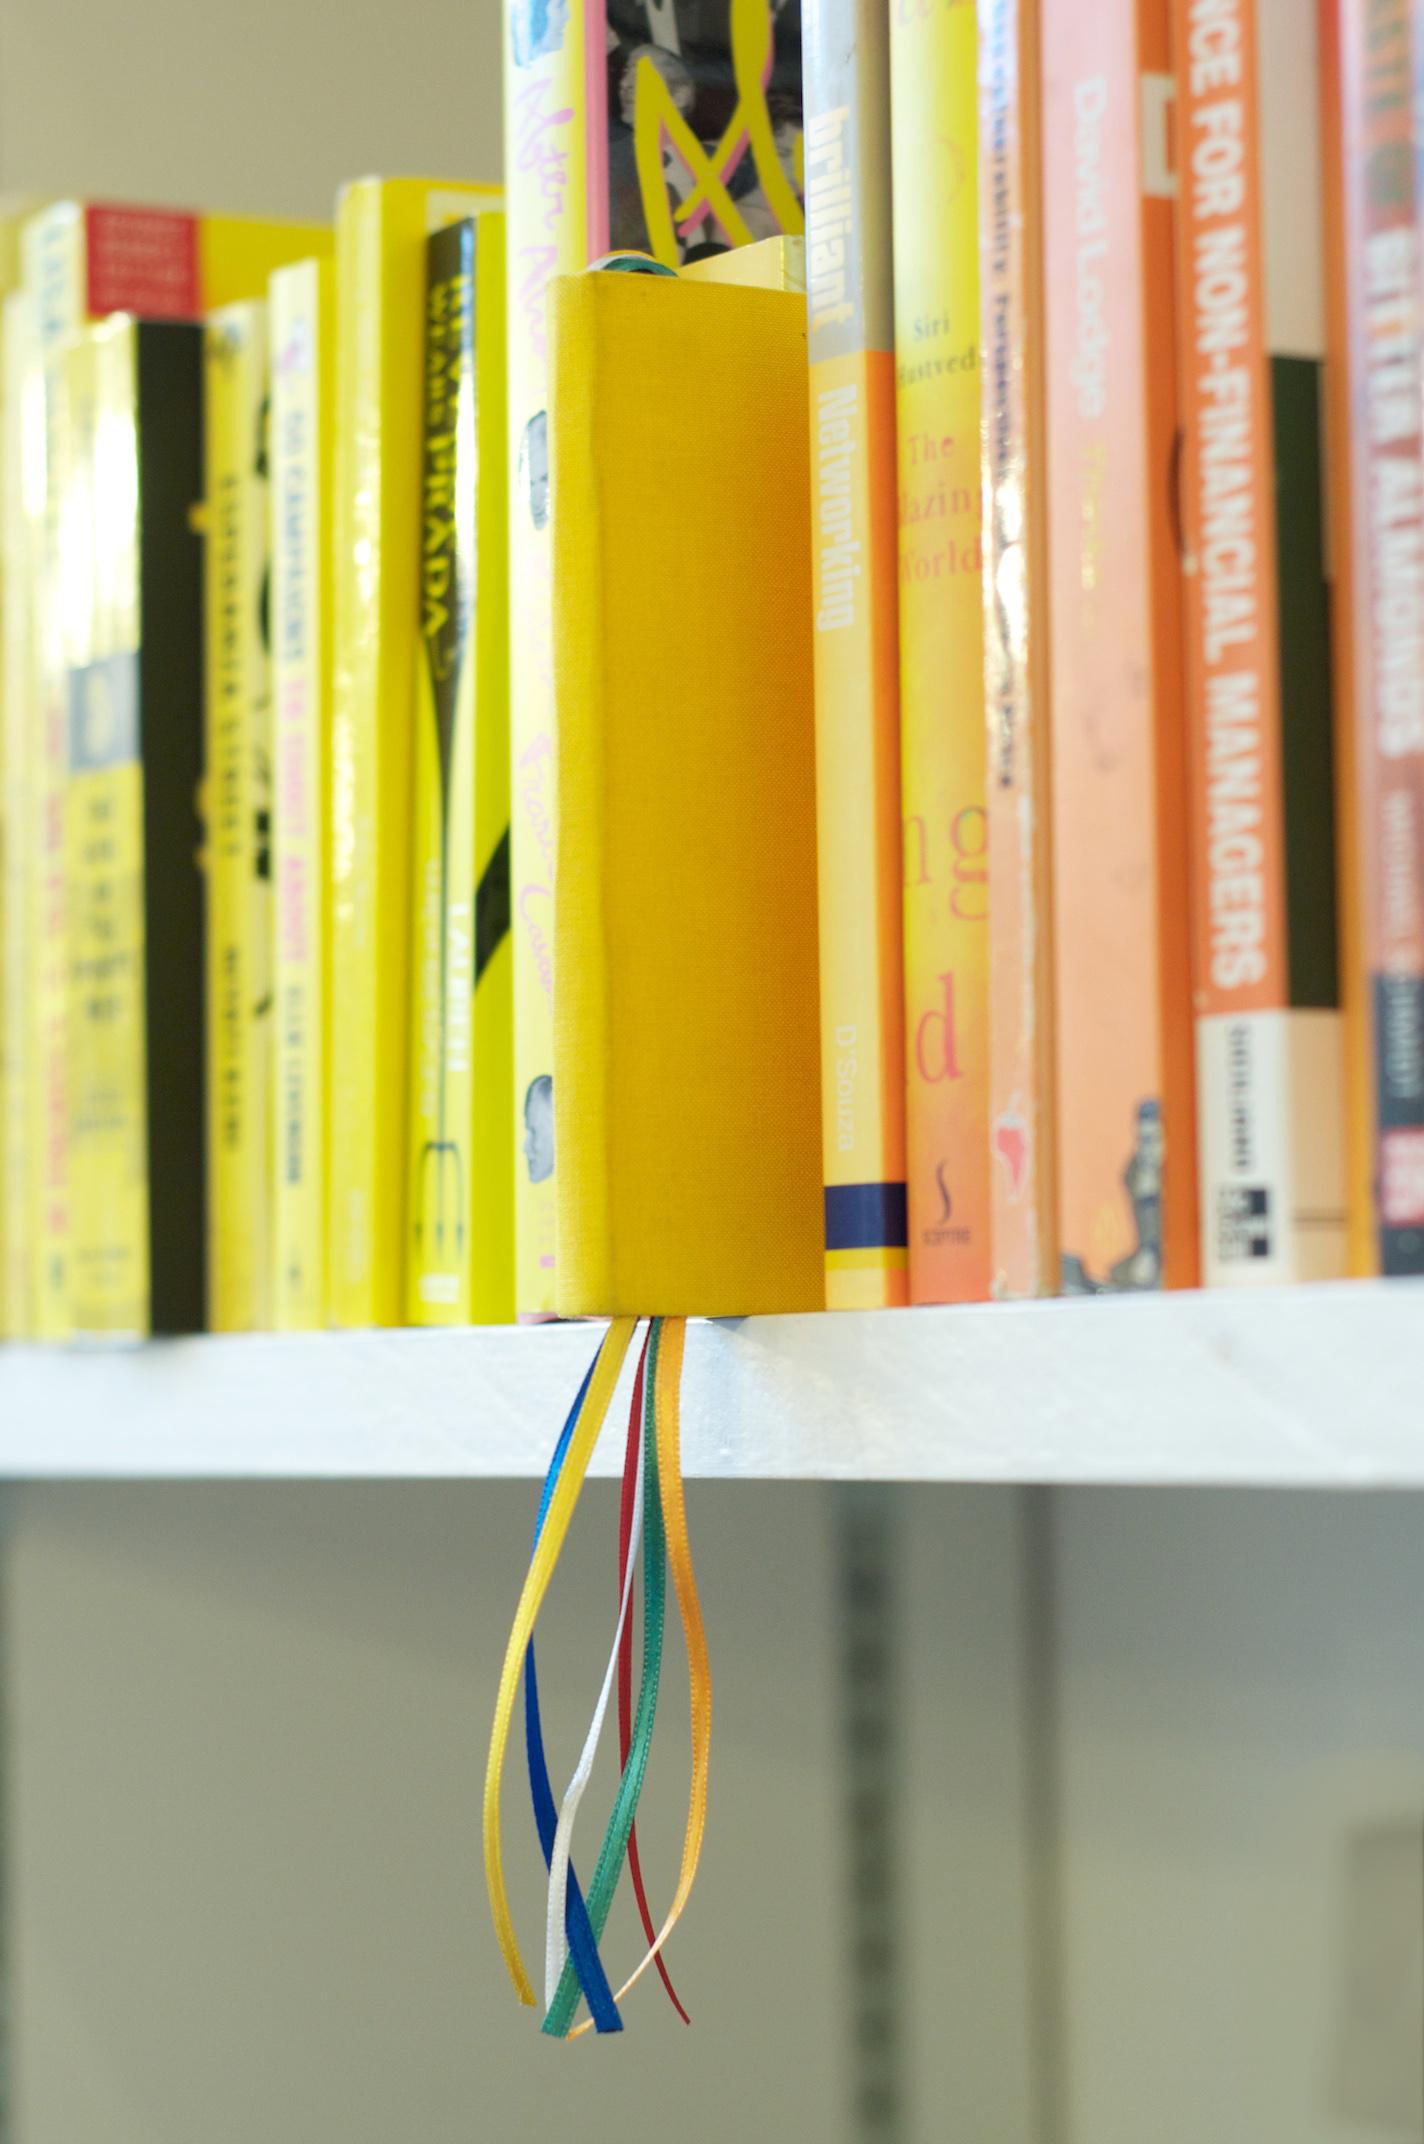 Yellow books.jpg